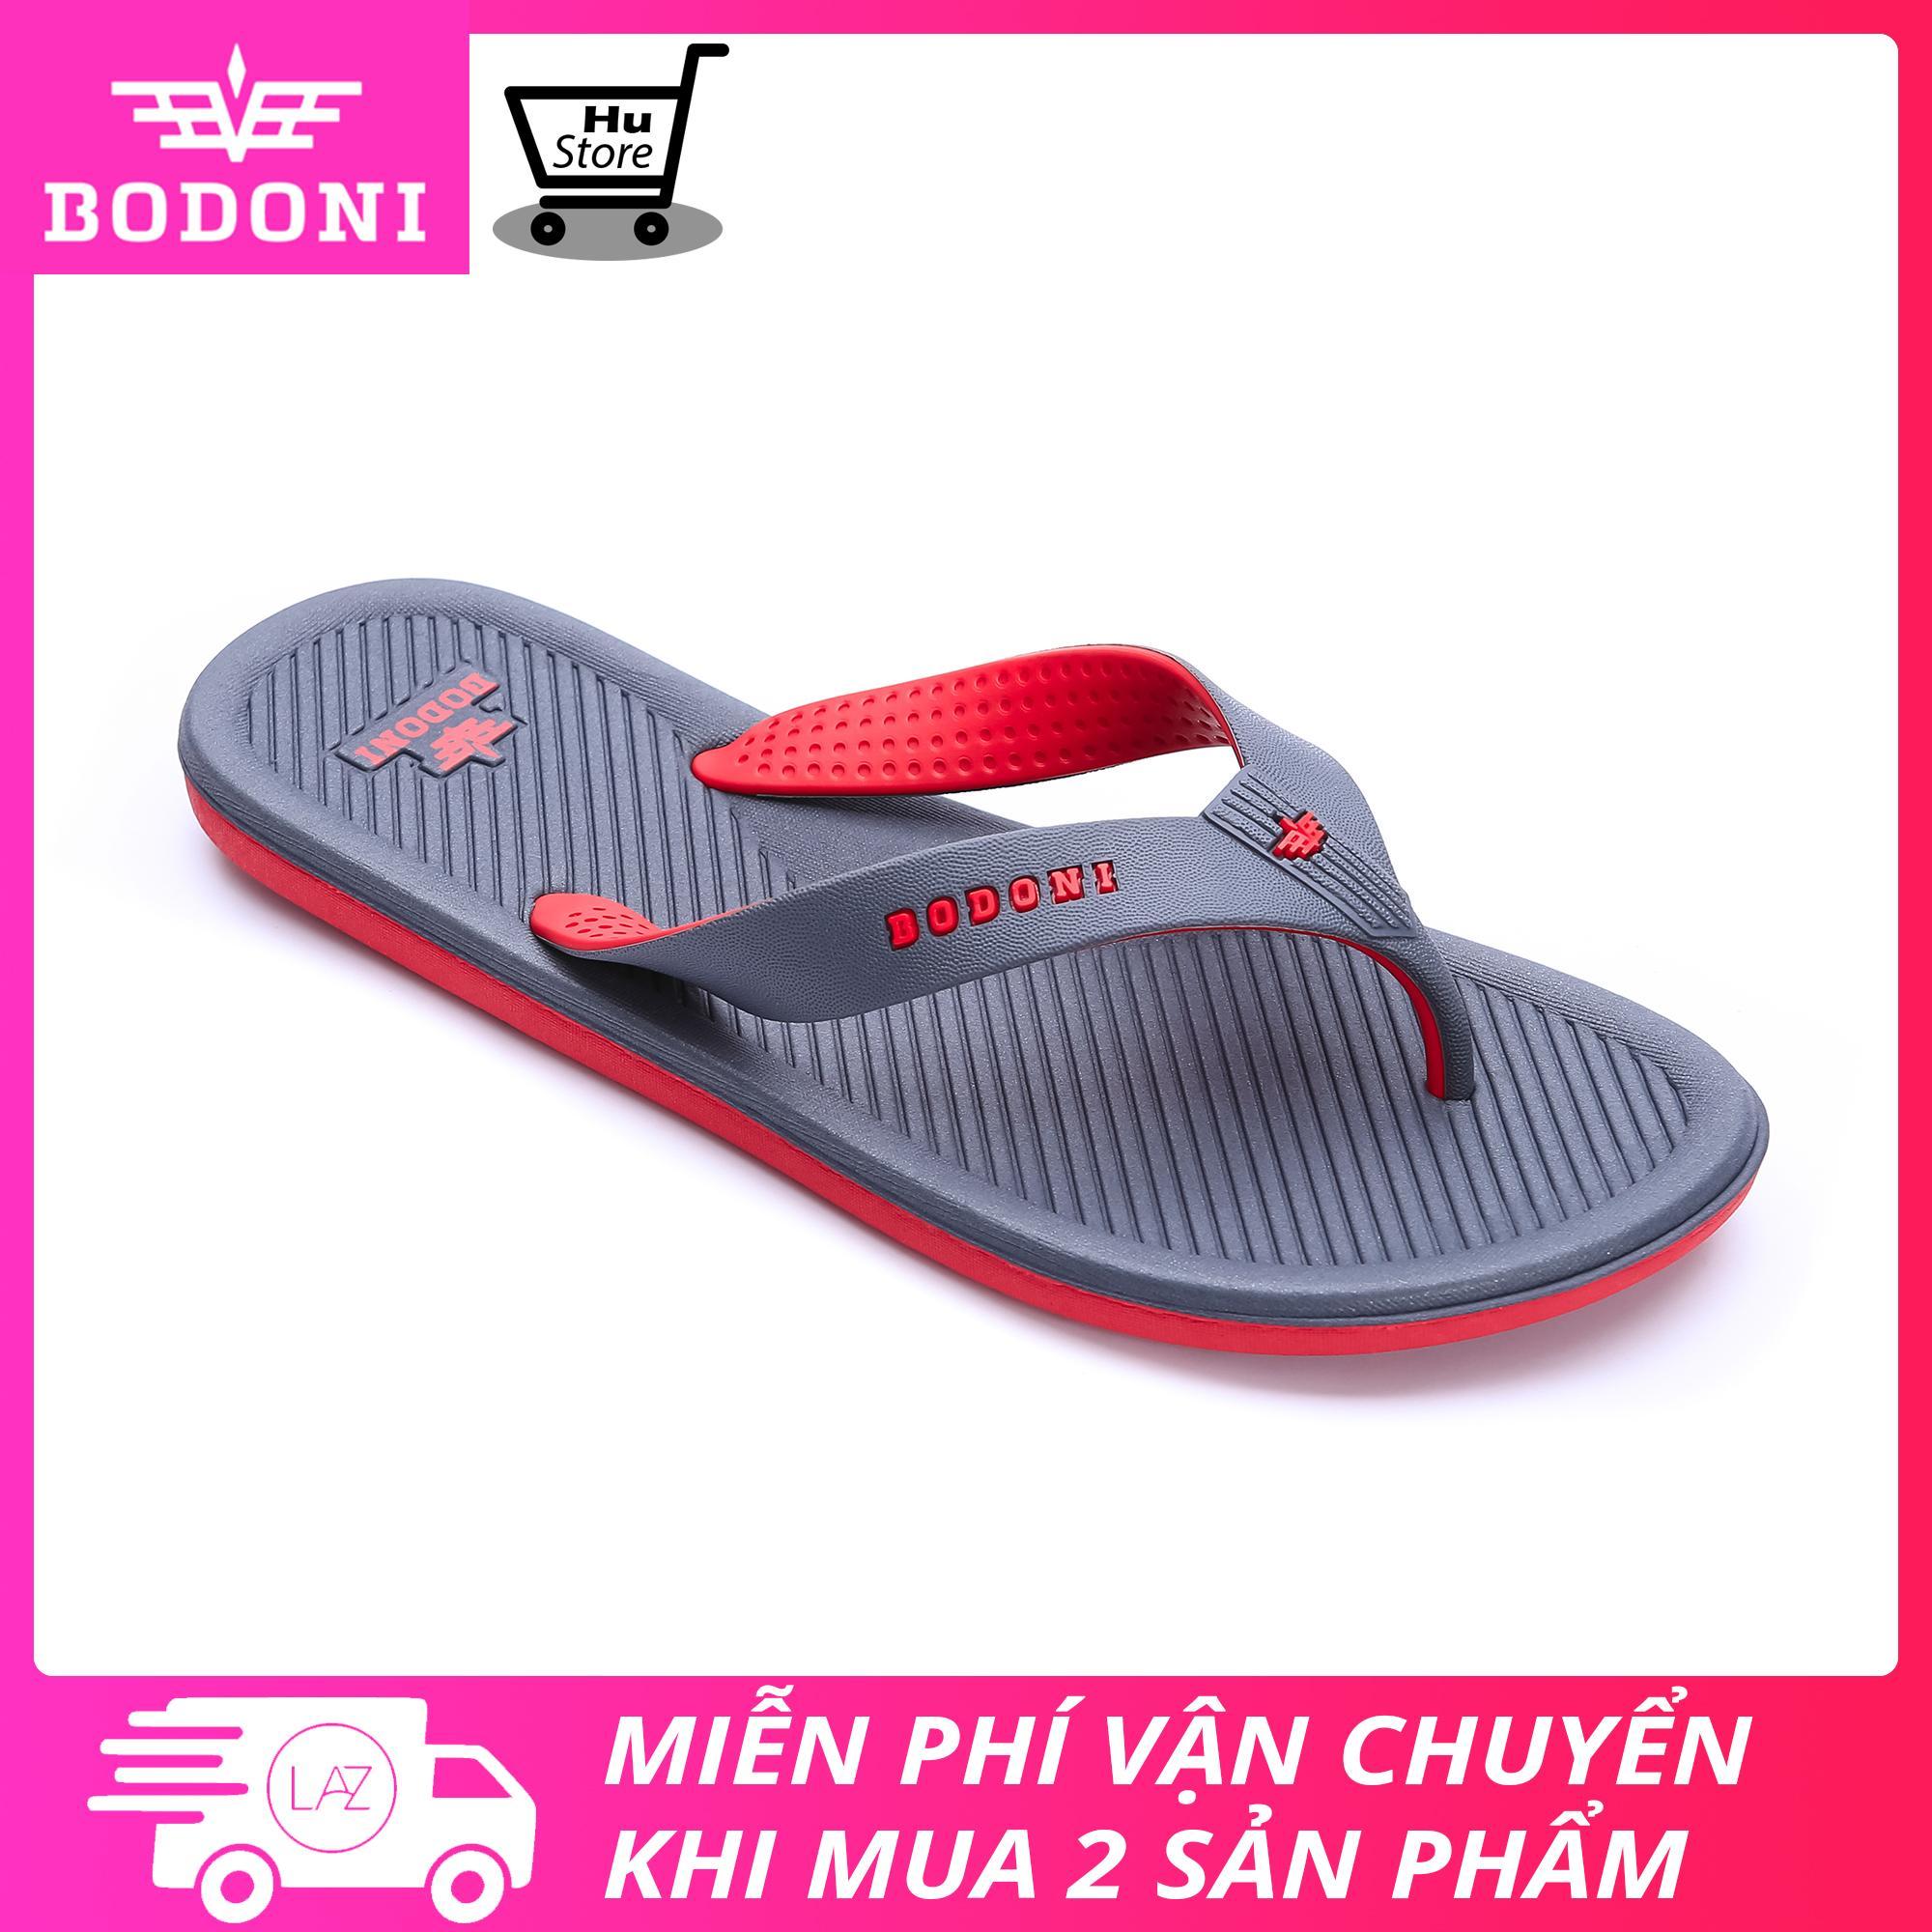 Dép lào thời trang nam thương hiệu Bodoni sản xuất tại Việt Nam (Nhiều màu lựa chọn)